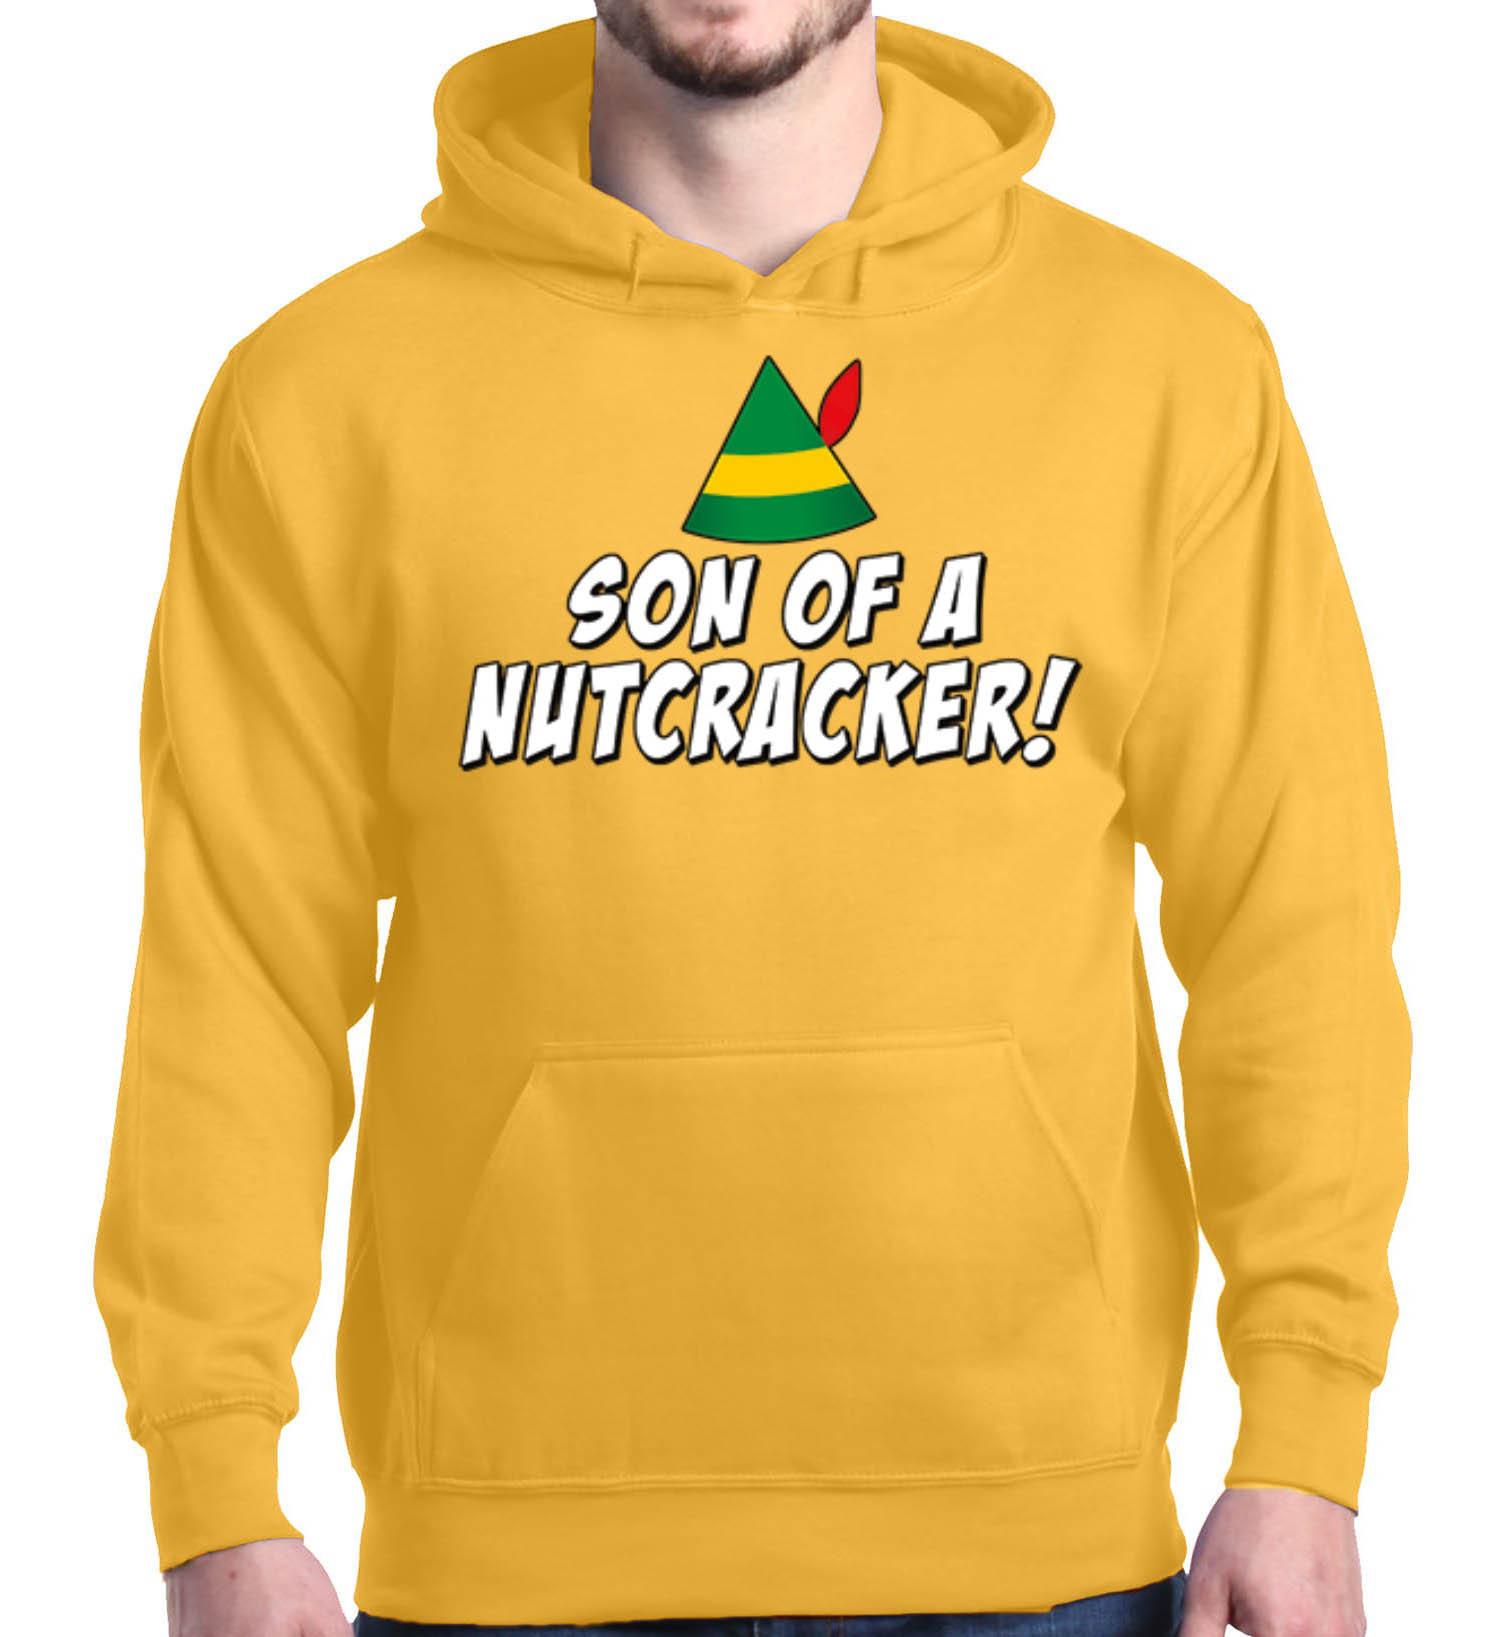 Shop4ever Shop4ever Mens Son Of A Nutcracker Christmas Funny